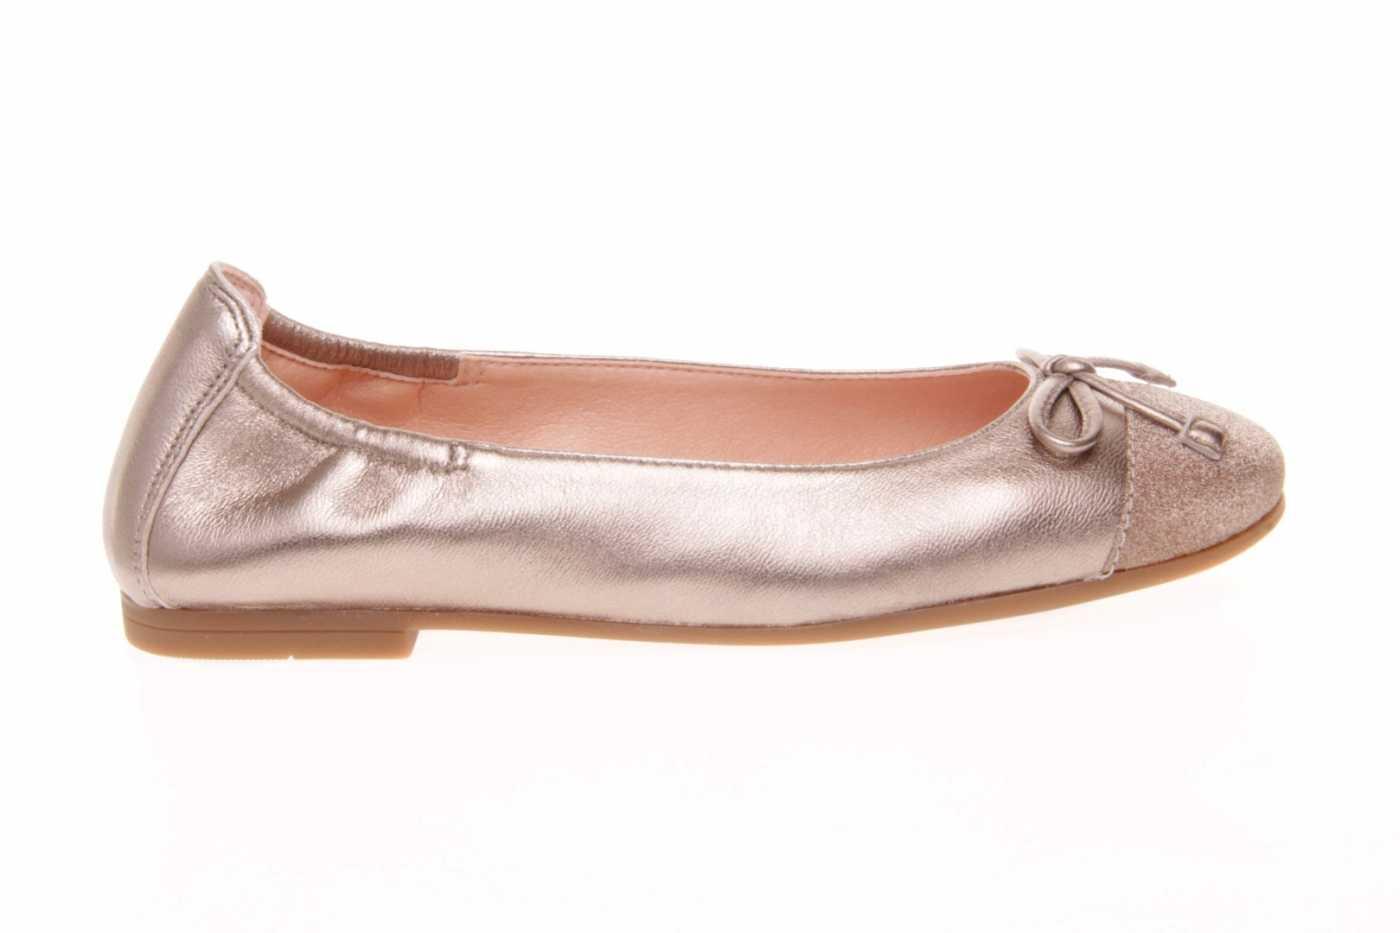 a60e80bb0 Comprar zapato tipo JOVEN NIÑA estilo MANOLETINAS COLOR ORO ...